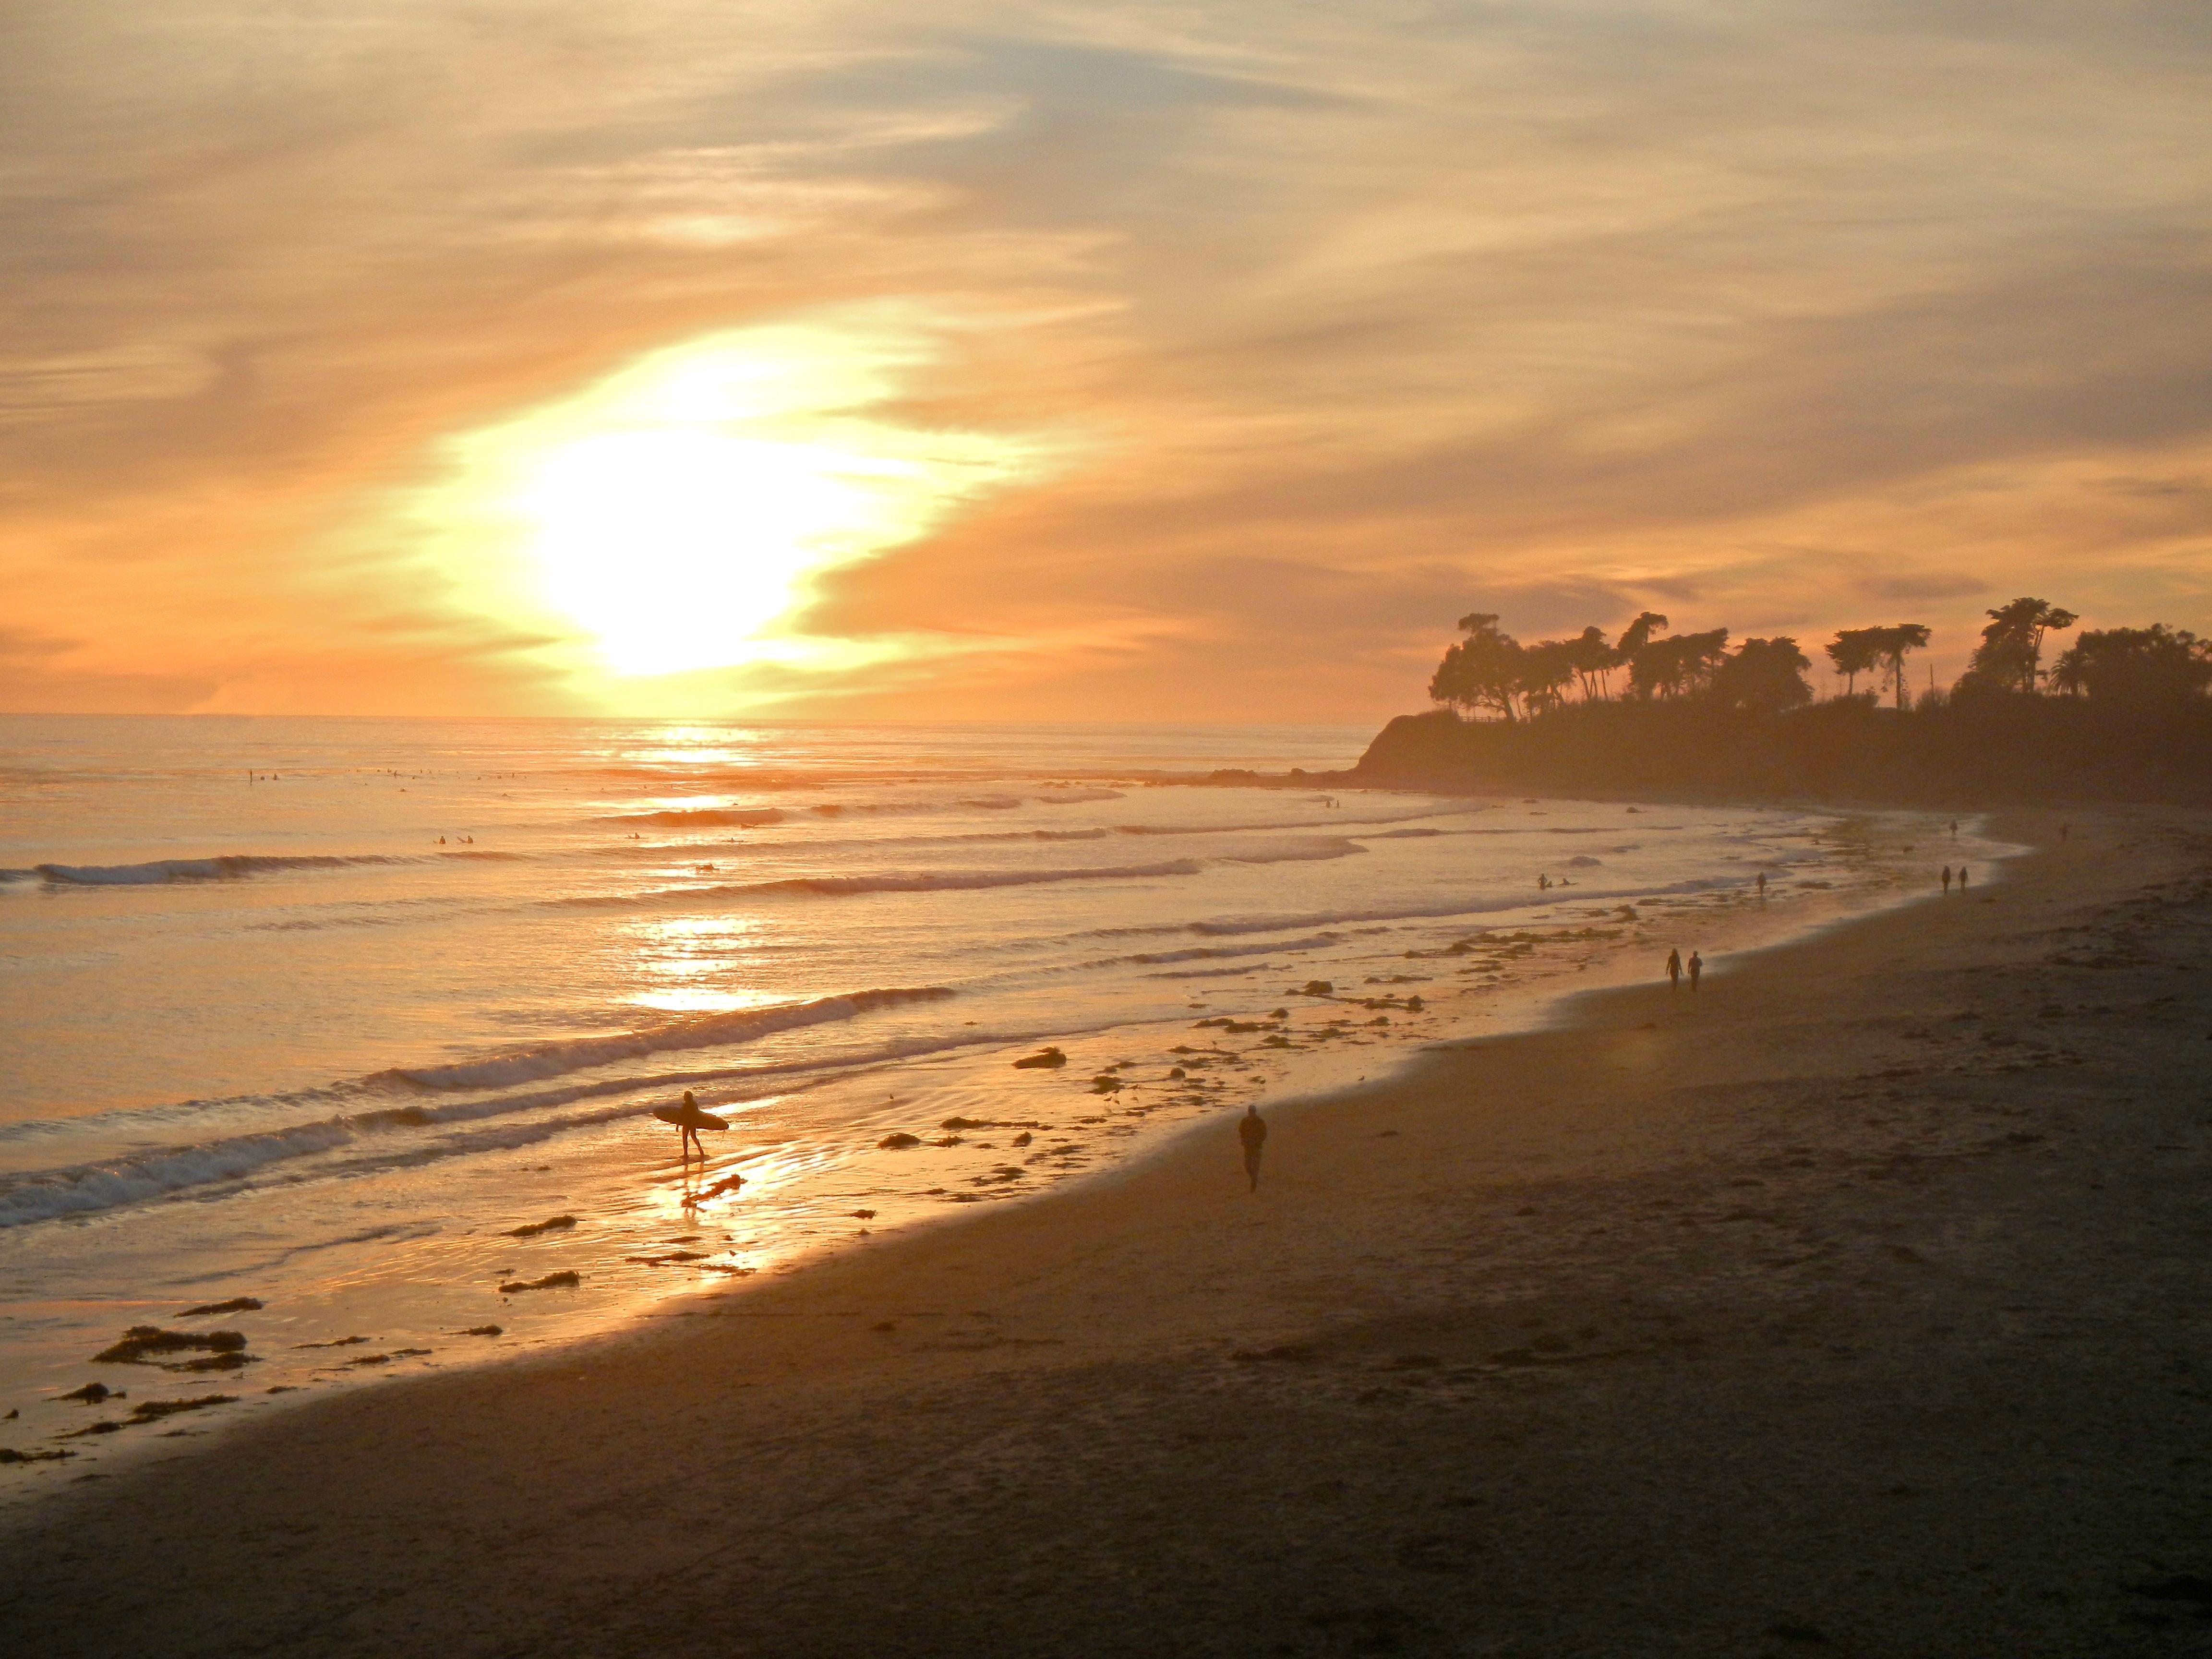 Santa Barb beach at sunset